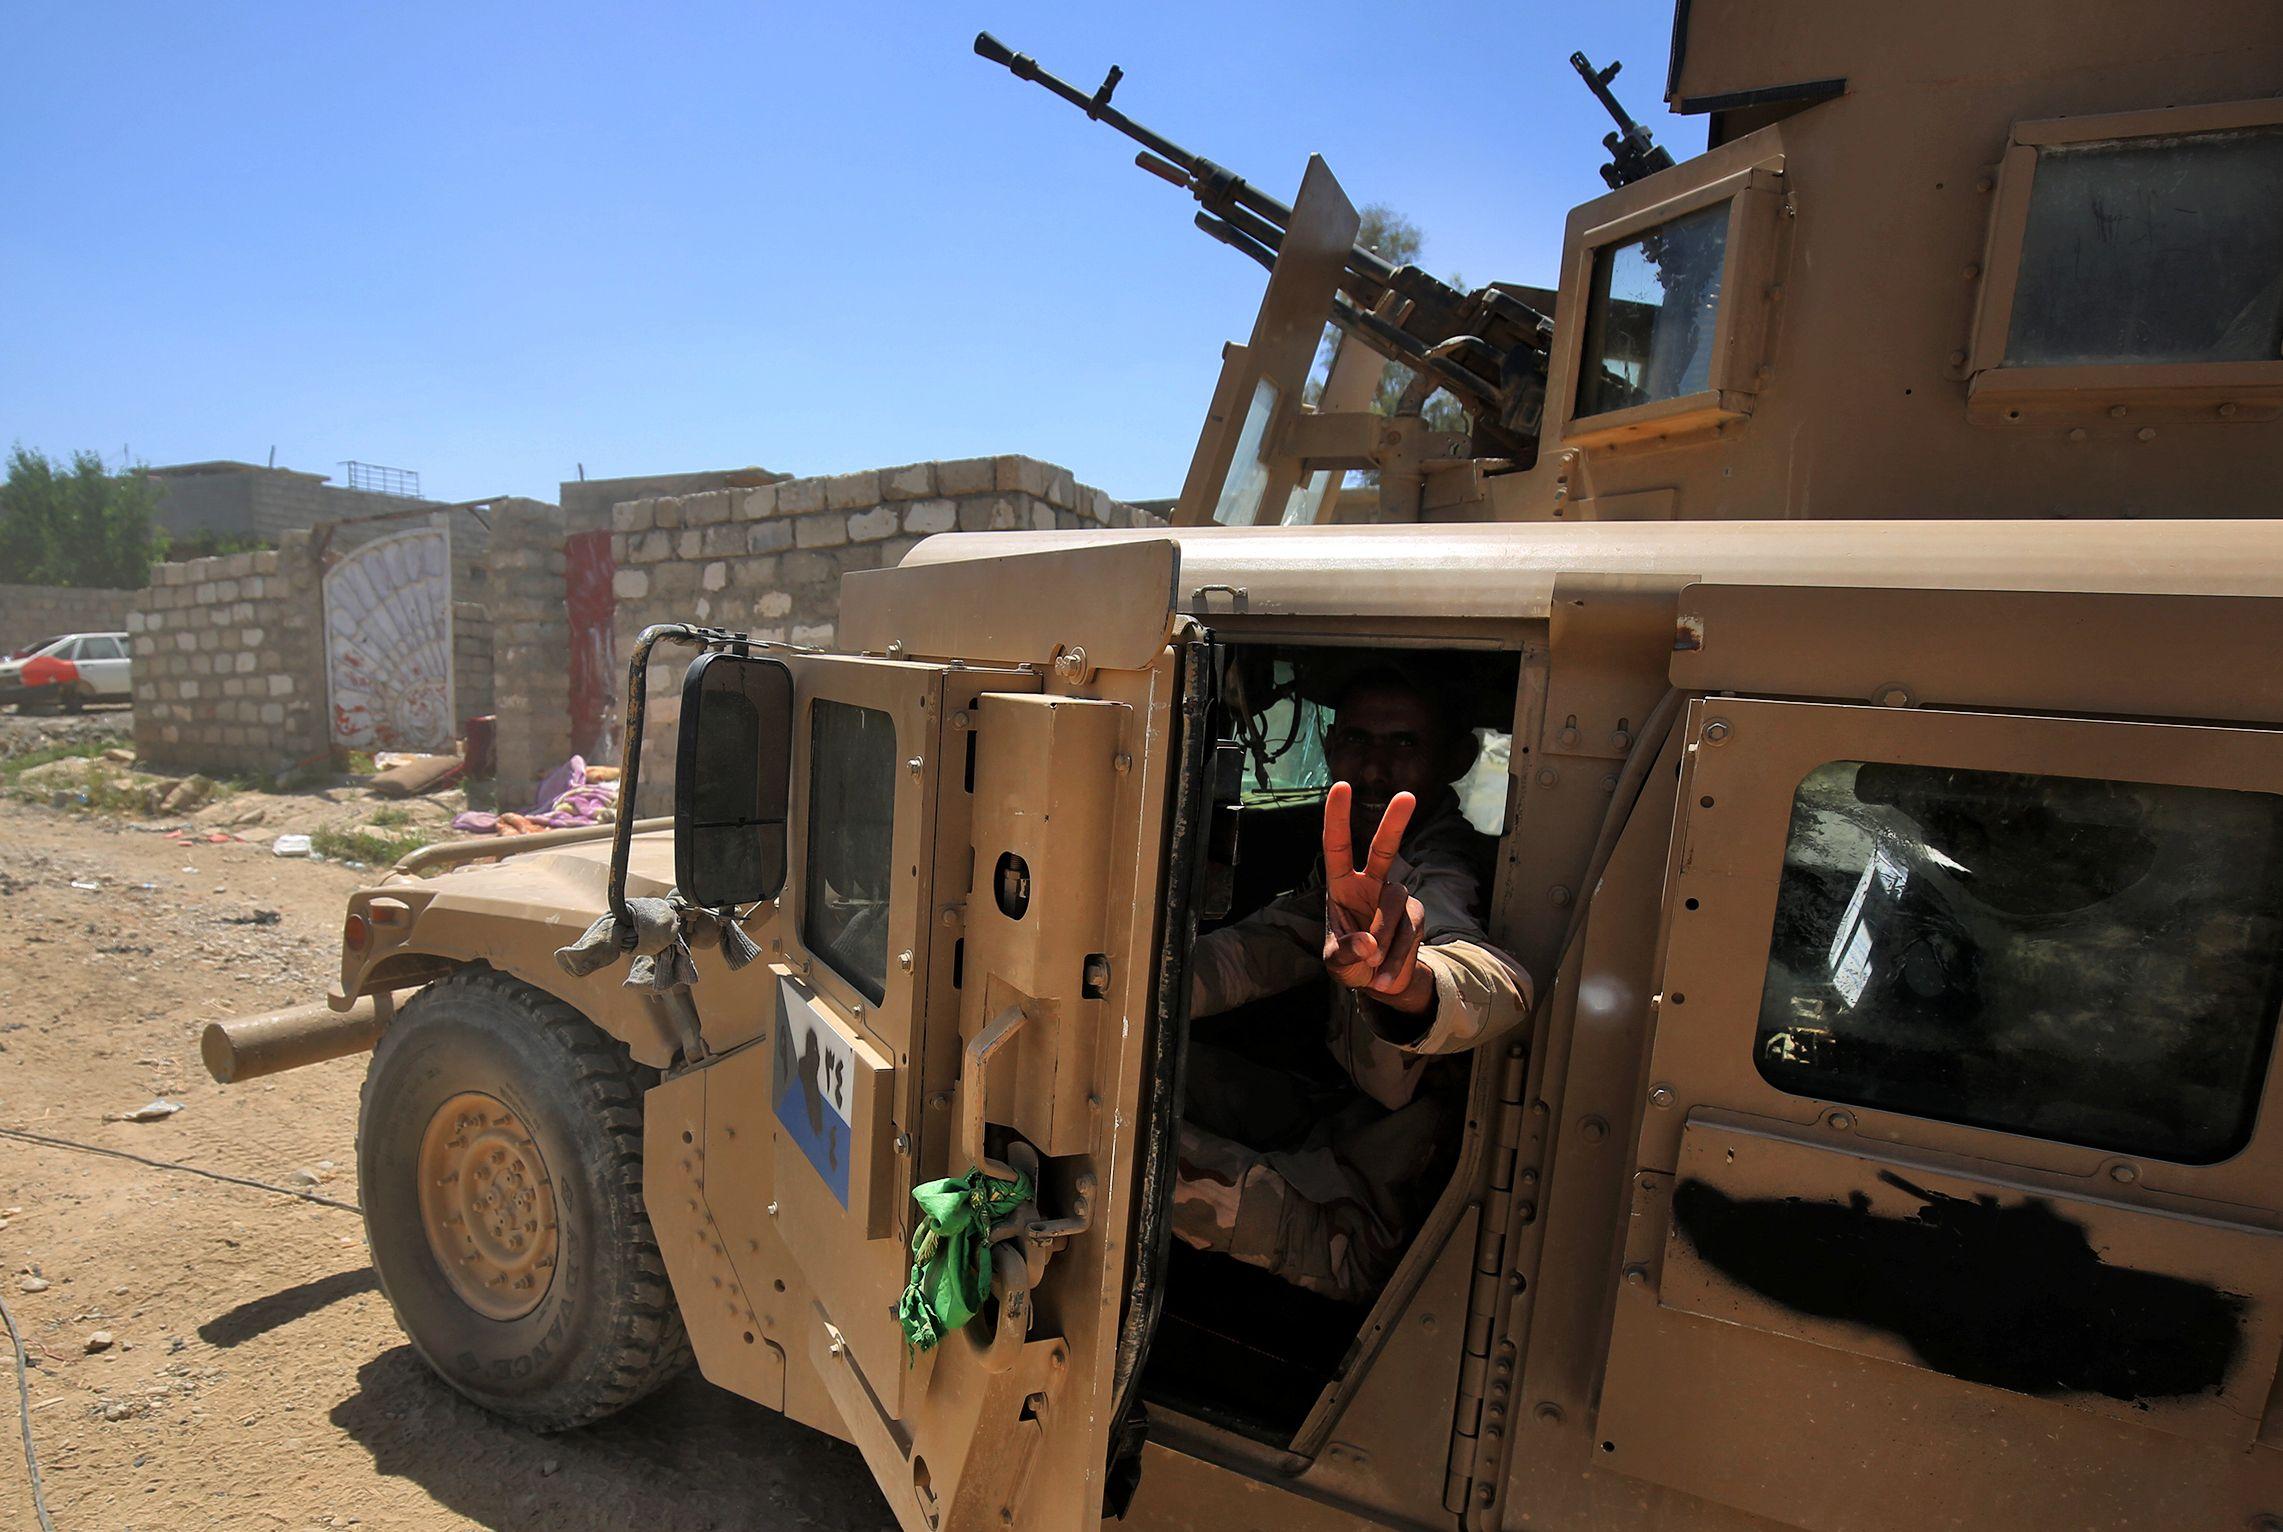 قوات من الجيش العراقي الفرقة السادسة عشرة التي تتكون بعض افواجها من اهالي الموصل شاركت في الهجوم على داعش من منطقة مشيرفة فحررت قرى حليلة وبعض مناطق بادوش